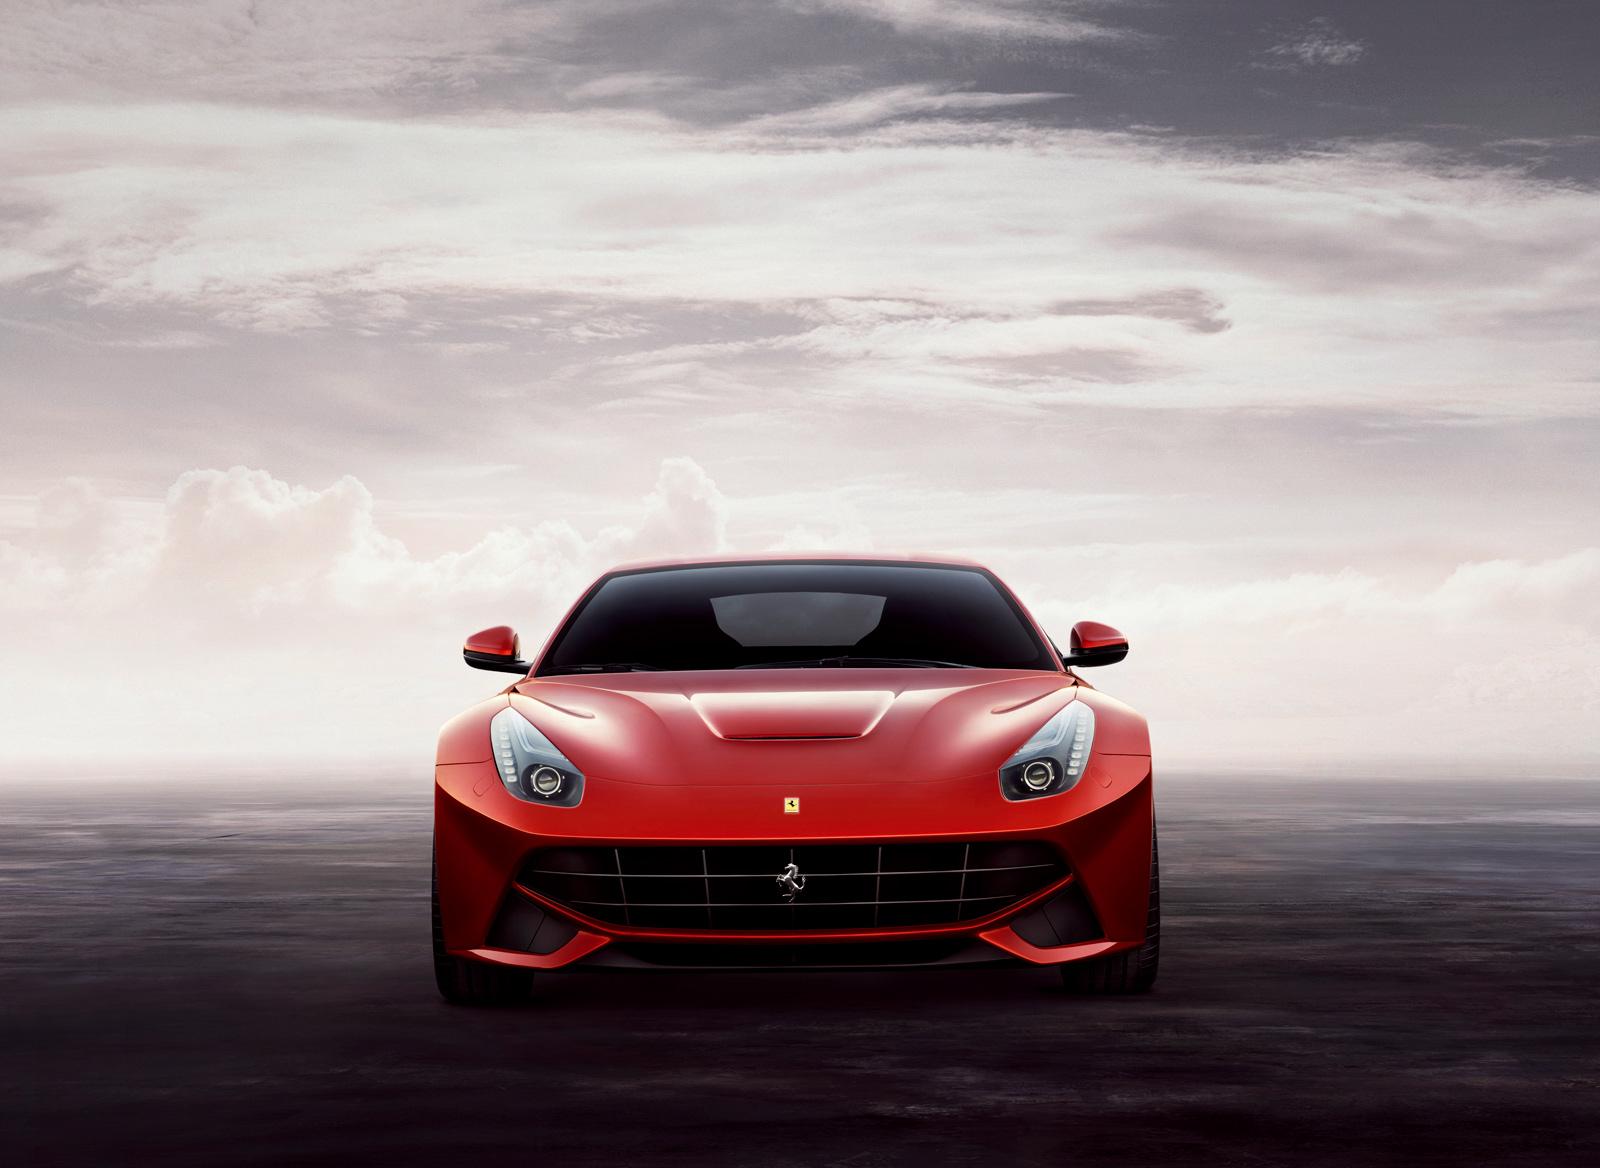 http://2.bp.blogspot.com/-F_o1FvjKNlA/ULNcSsXtdII/AAAAAAAADmw/u4kh56FIdsw/s1600/2013+Ferrari+F12berlinetta+2.jpeg